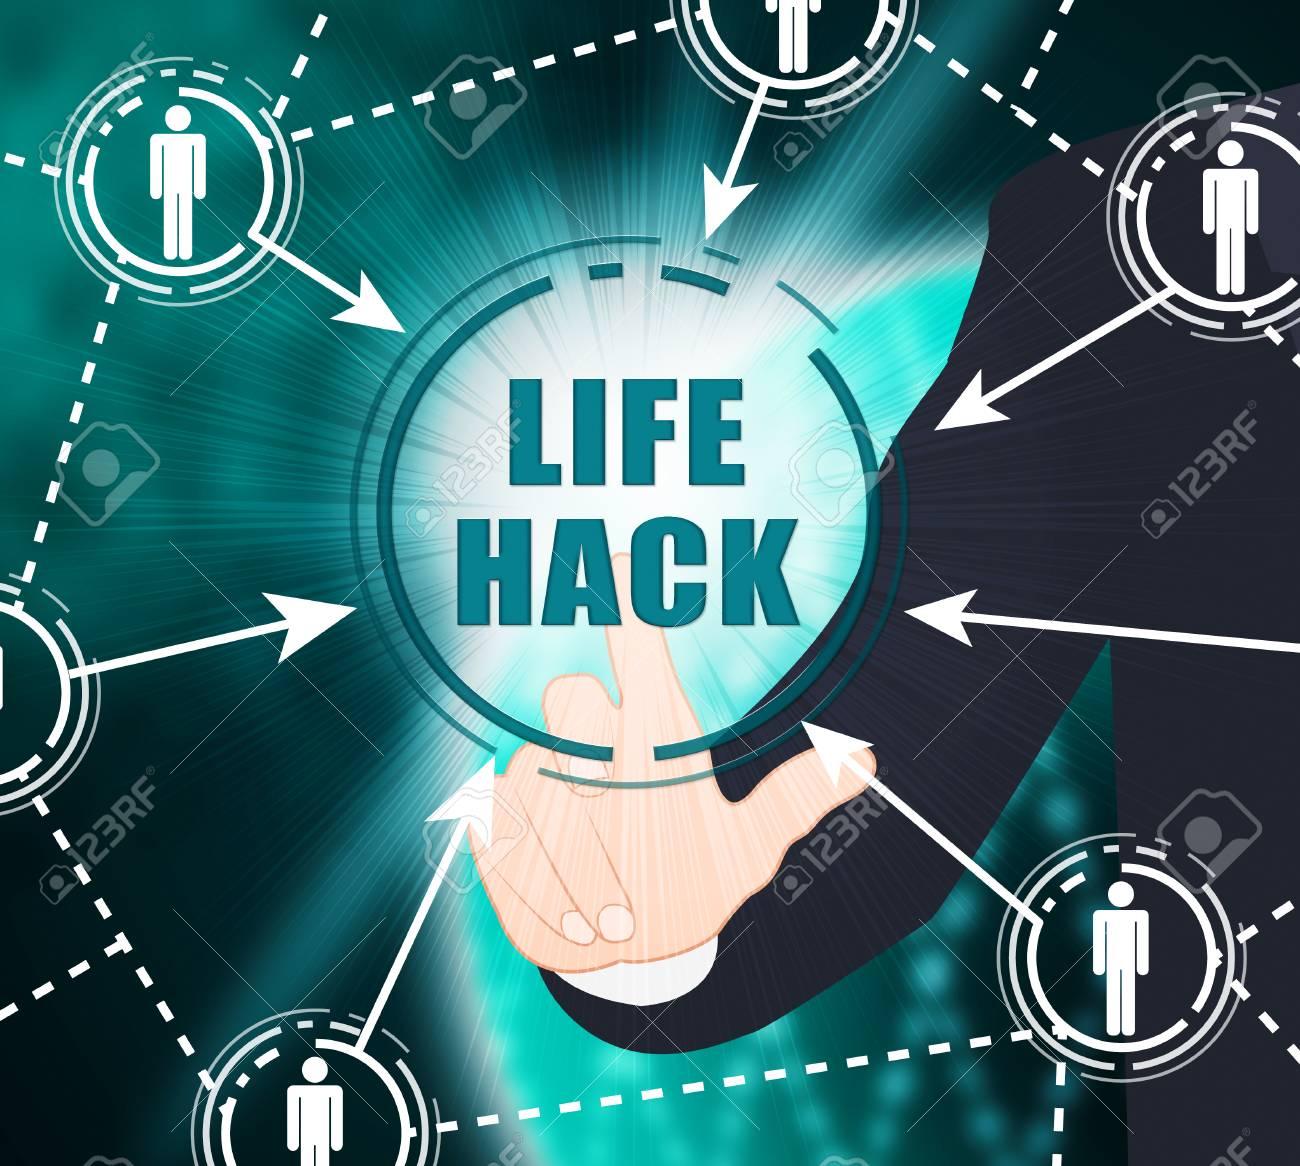 Life Hack Helpful Smarter Tips 2d Illustration Shows Secret Trick